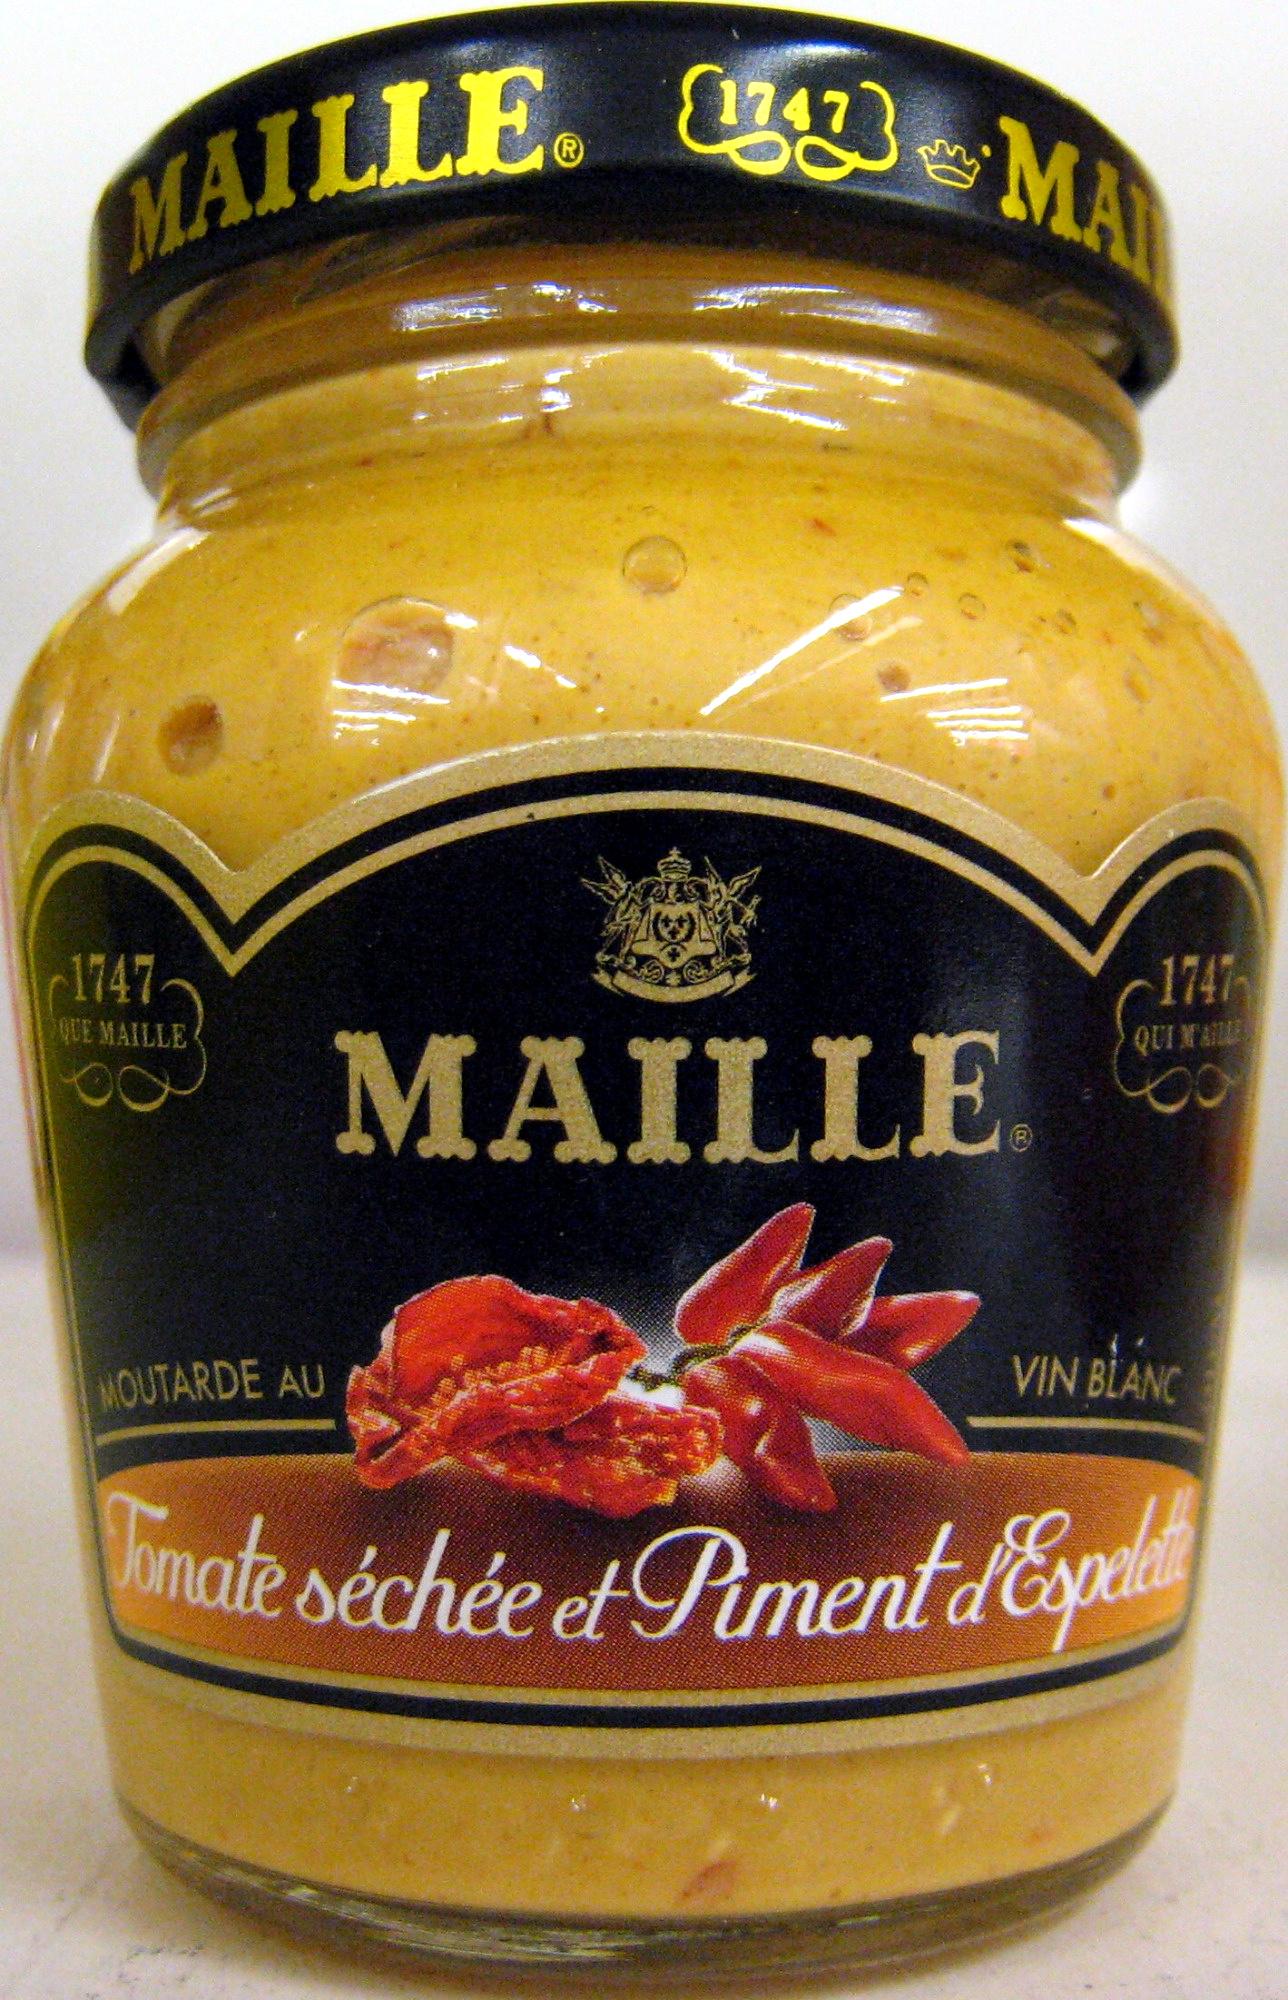 moutarde au vin blanc la tomate s ch e et piment d 39 espelette maille 108 g. Black Bedroom Furniture Sets. Home Design Ideas